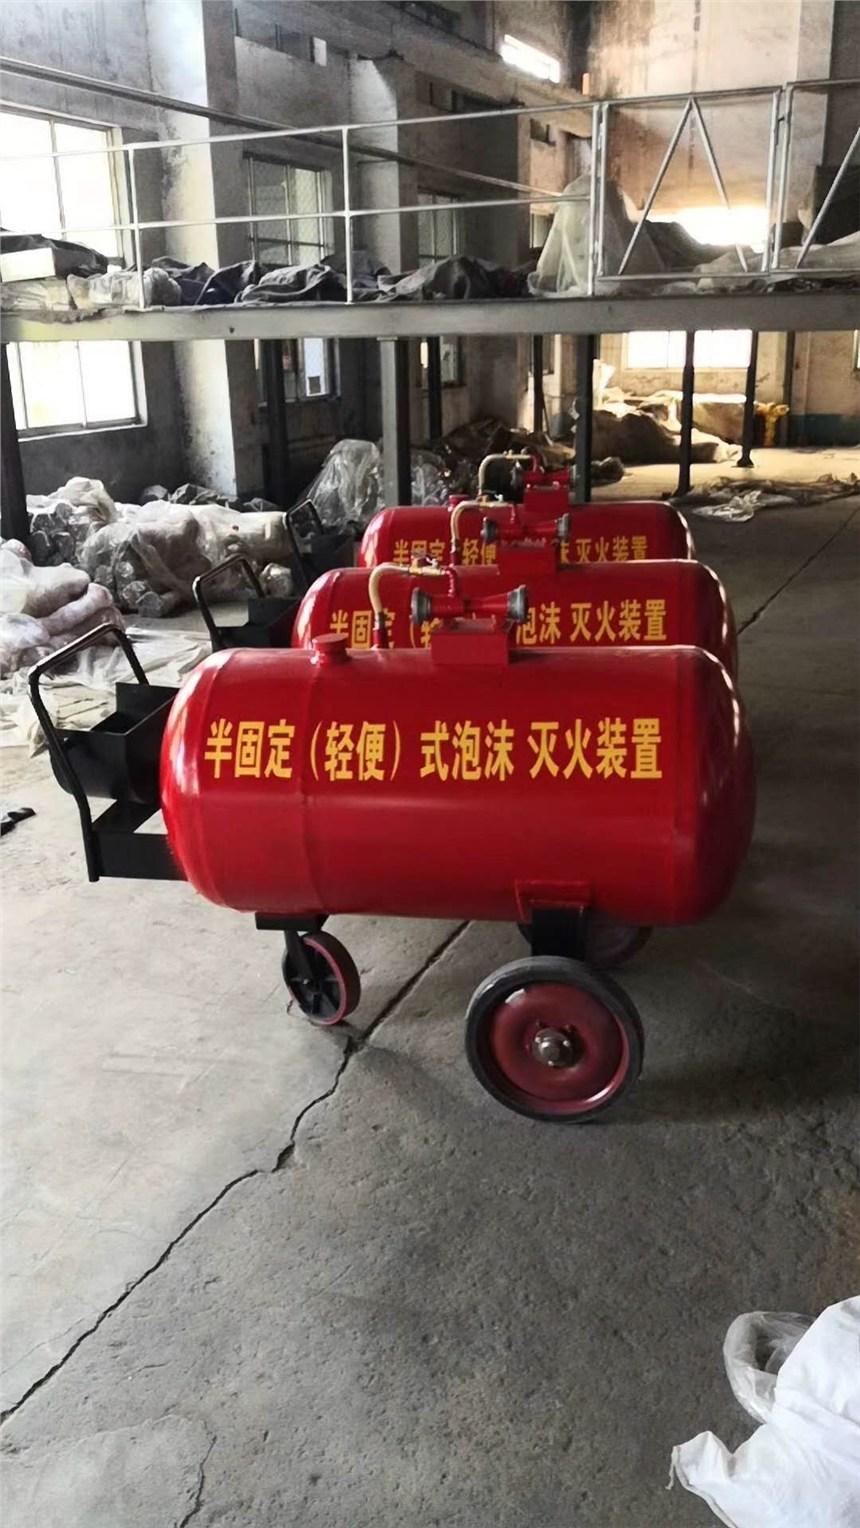 今日報價:云南西雙版納PY4/200半固定(輕便式)泡沫推車現貨直銷